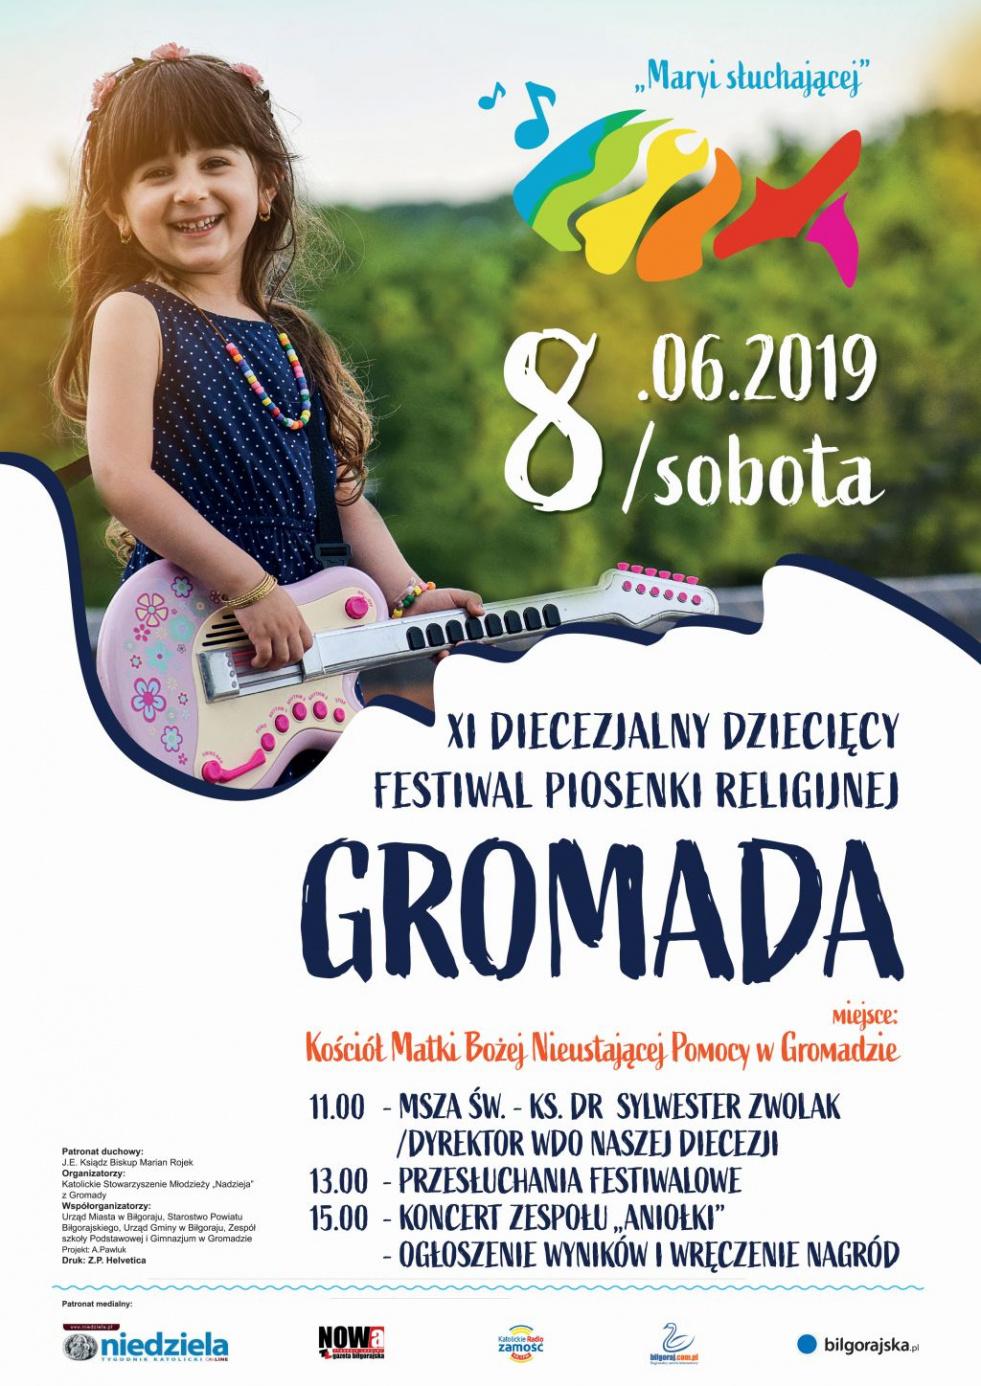 'Maryi Słuchającej' - XI Diecezjalny Dziecięcy Festiwal Piosenki Religijnej w Gromadzie